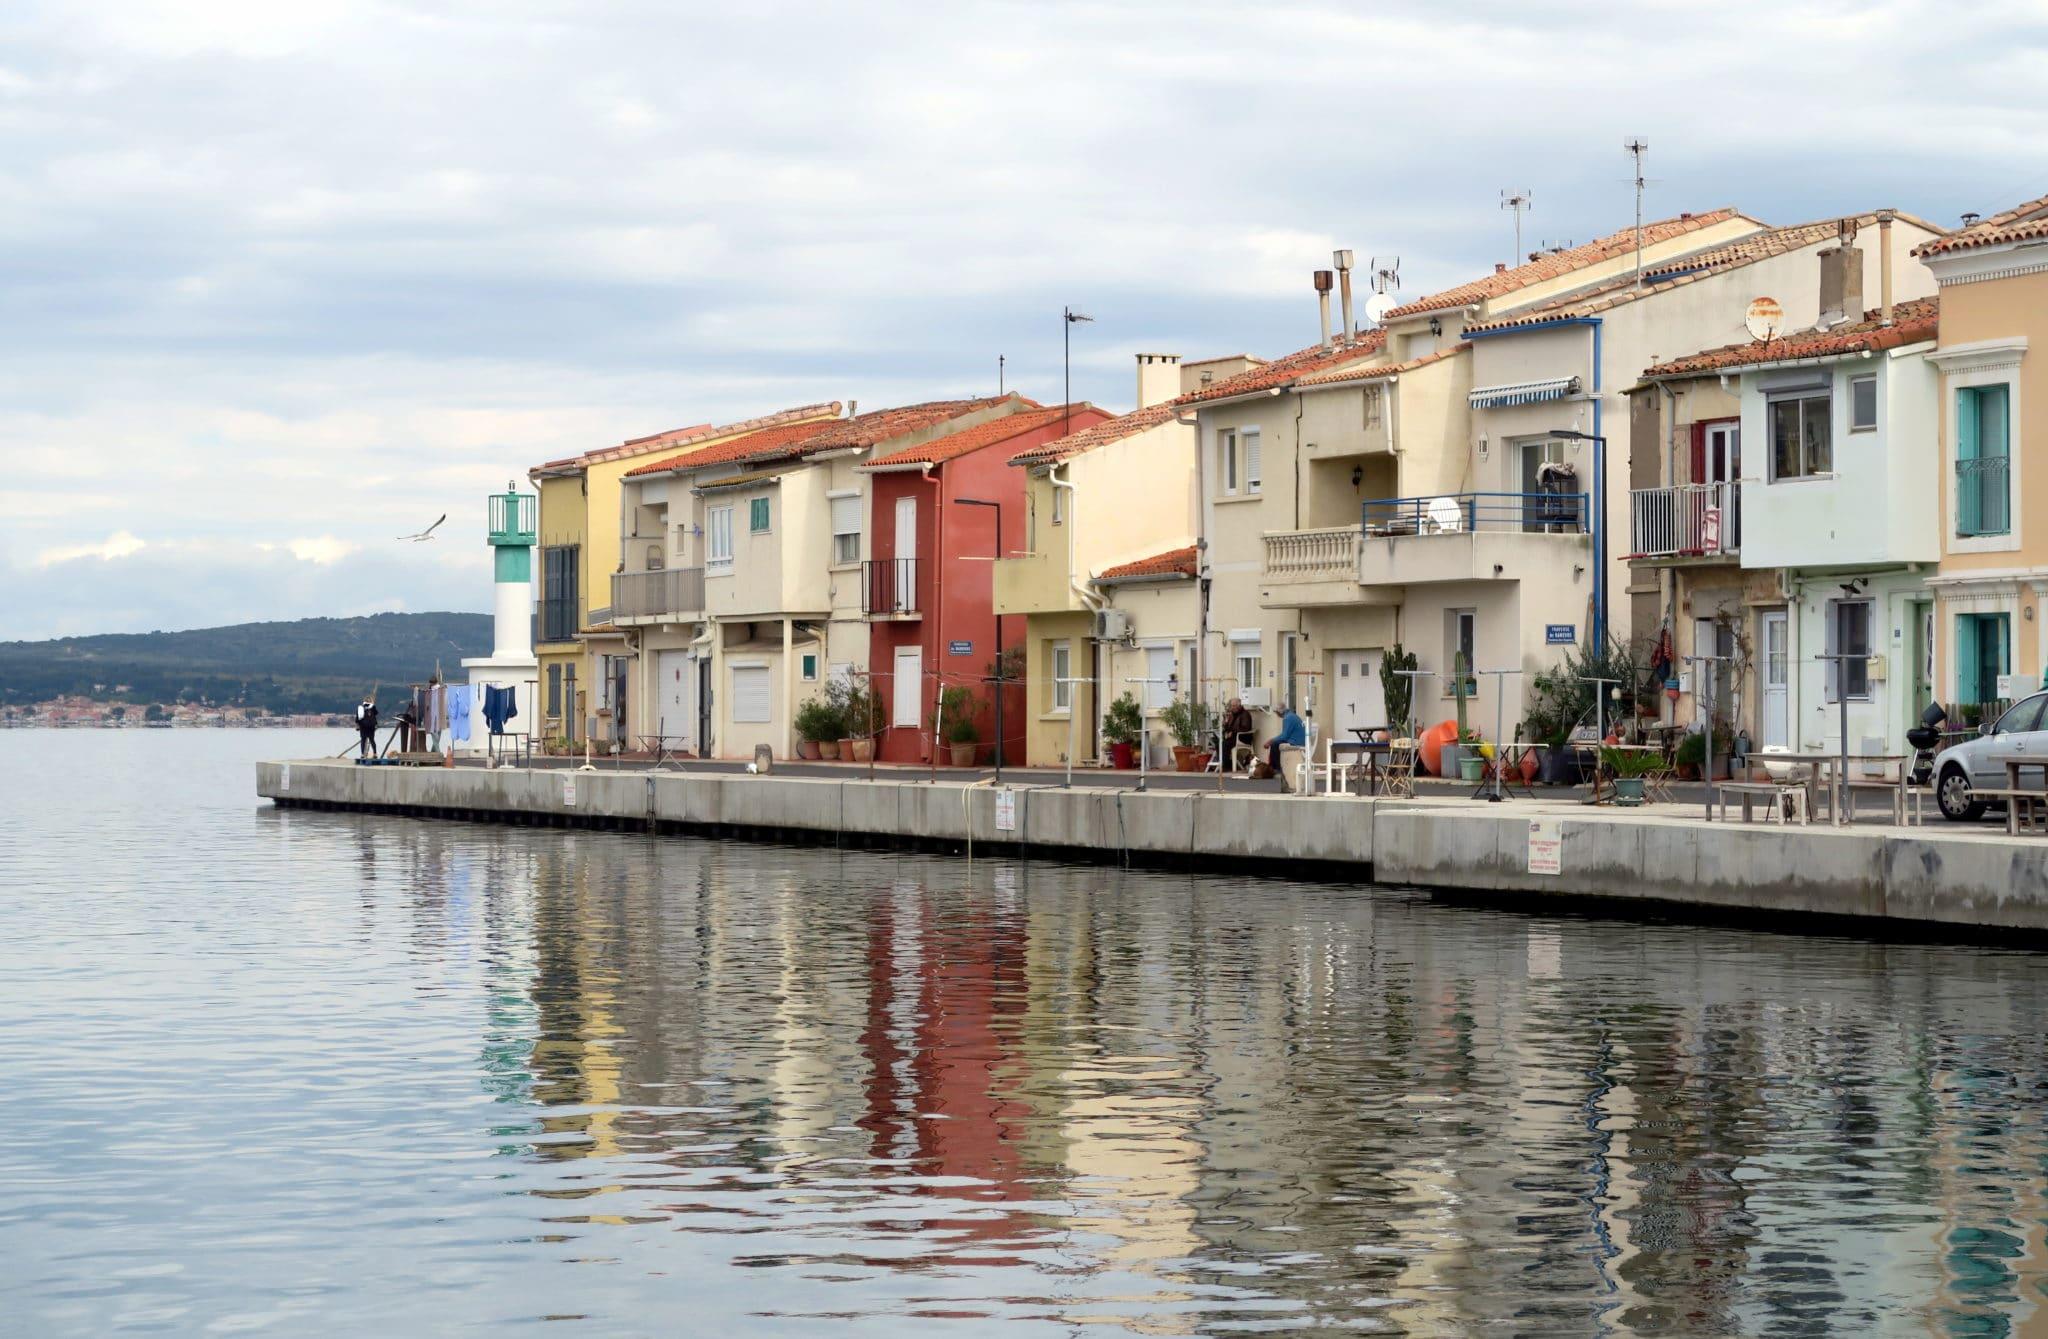 Sète canals France